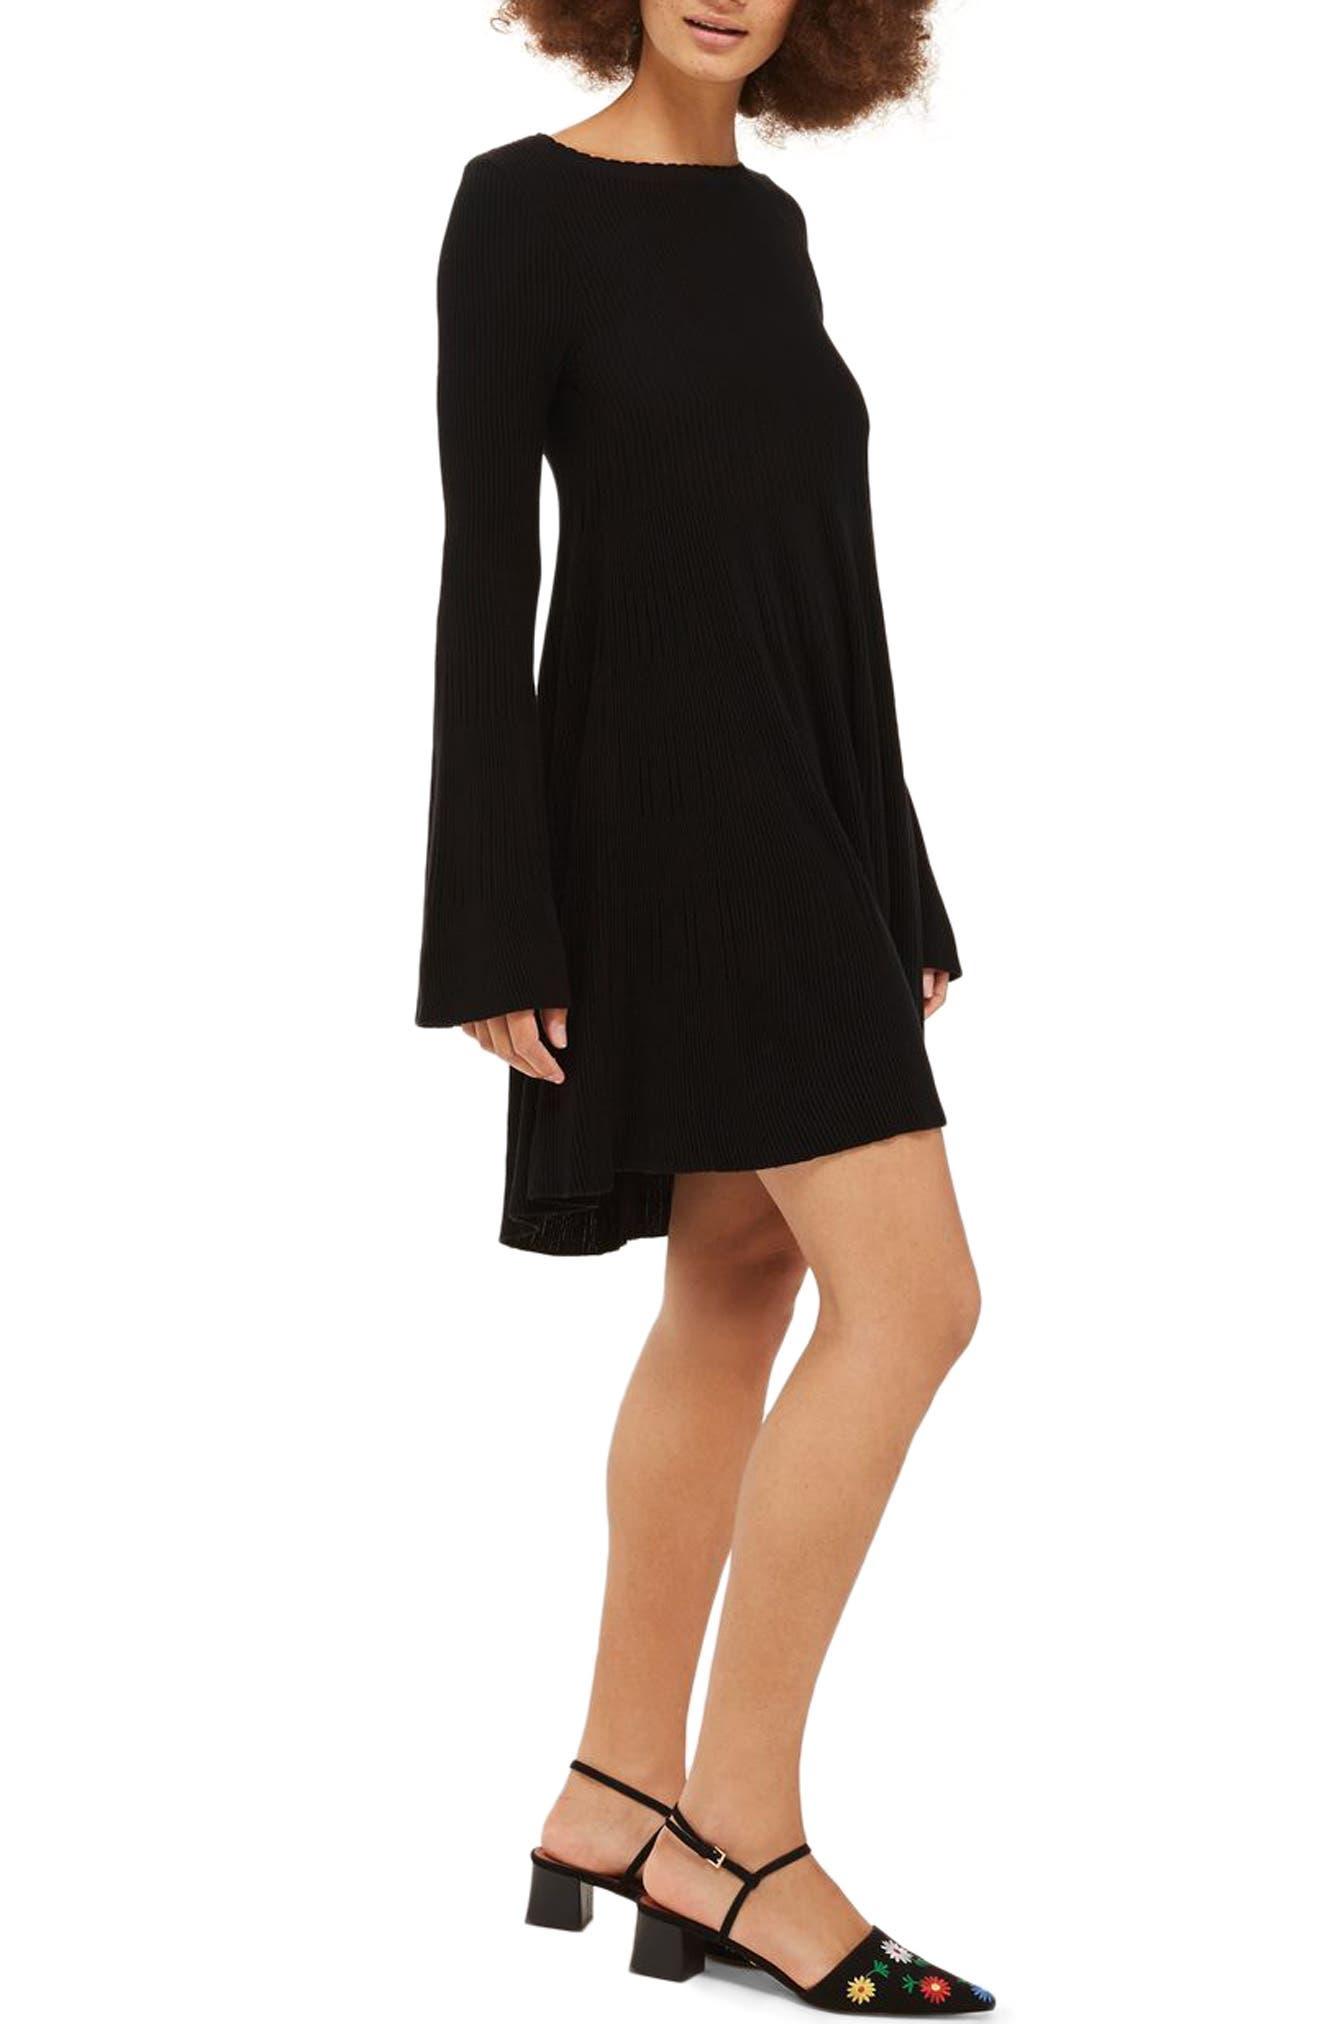 Topshop Scallop Bell Sleeve Dress